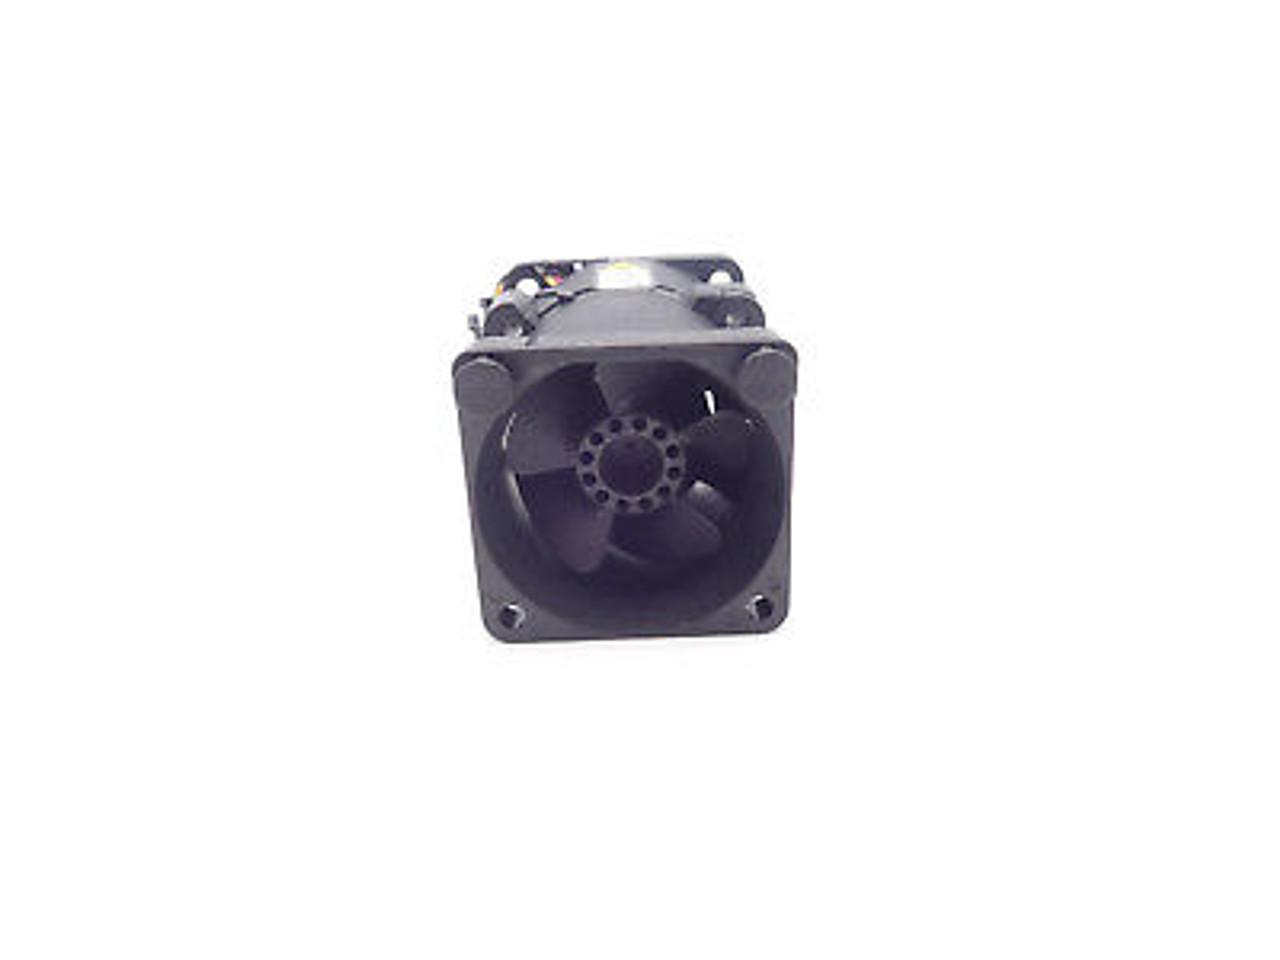 779103-001 HP DL160 G9 Fan